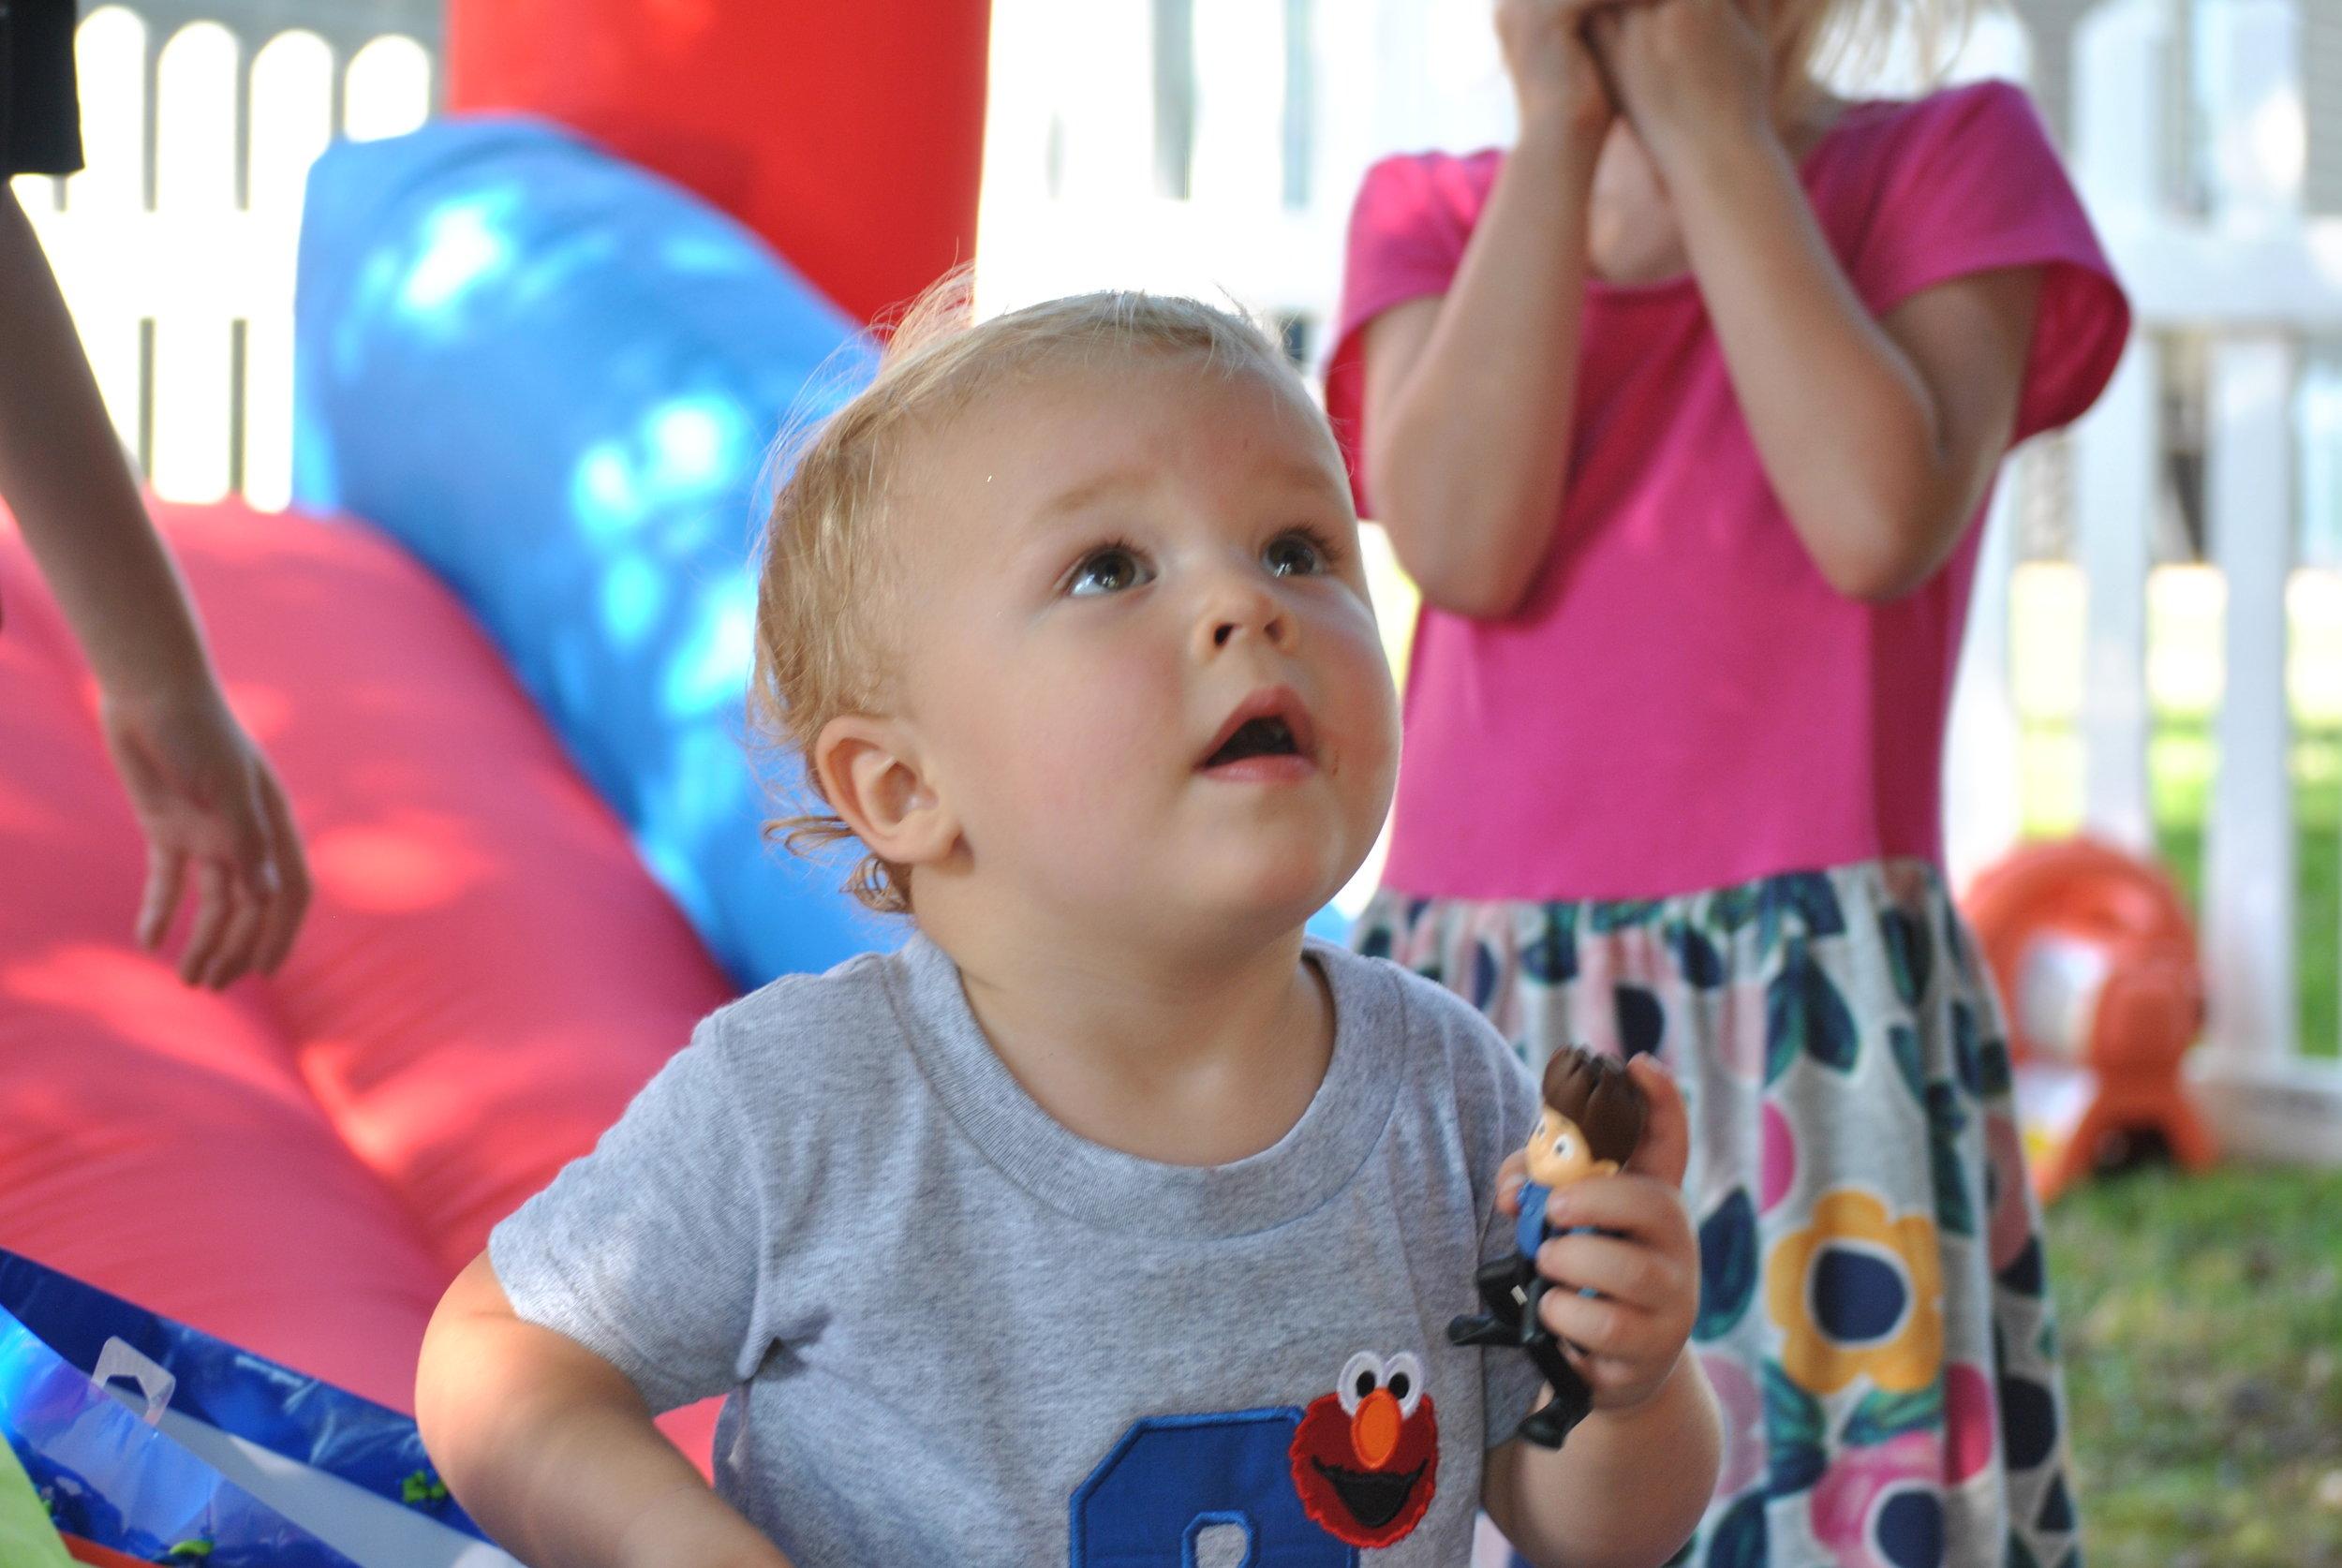 Hudson's Birthday party